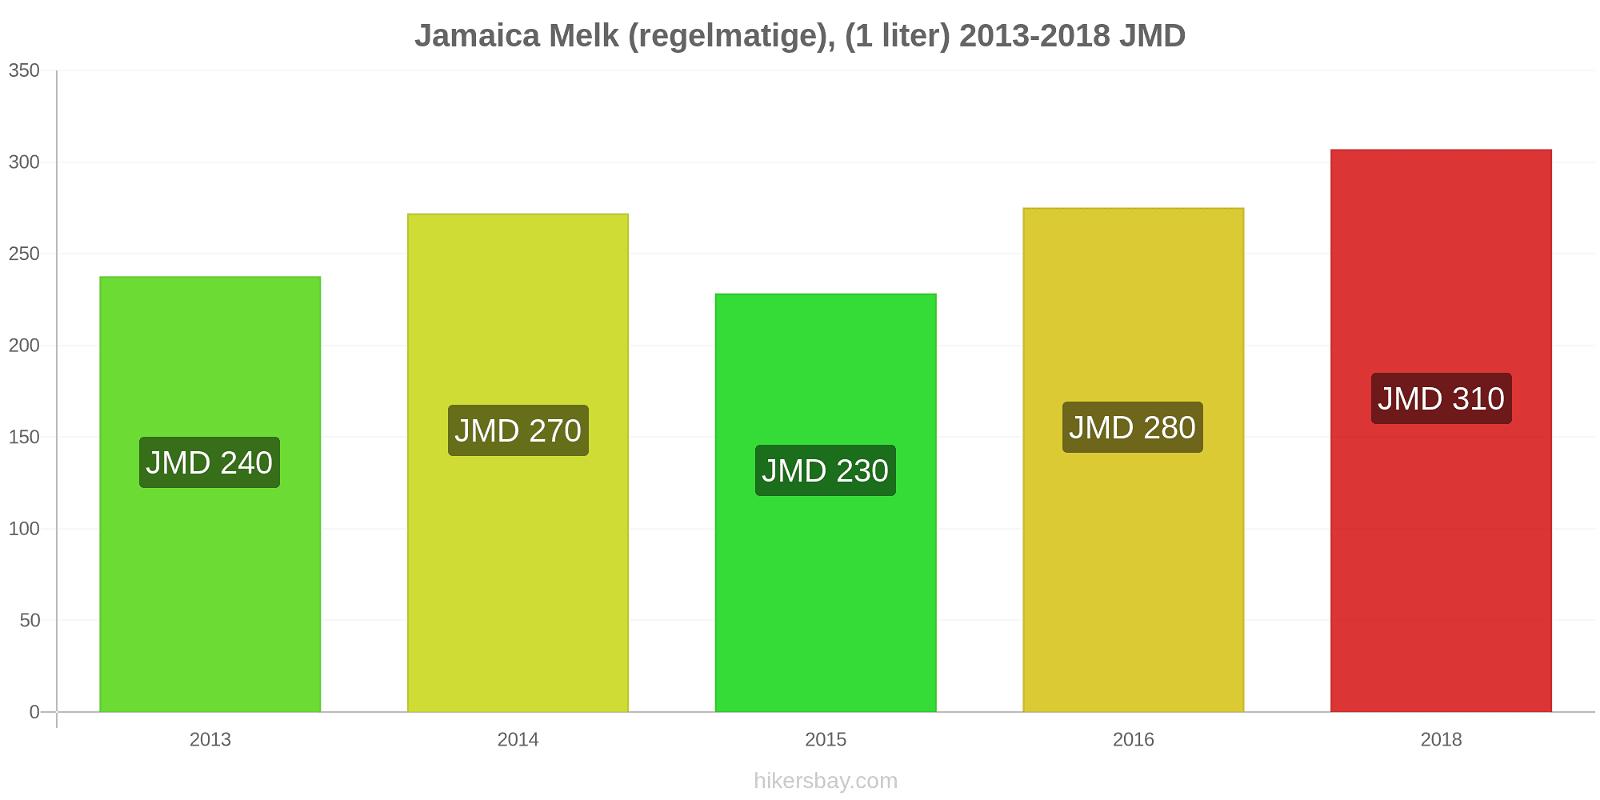 Jamaica prijswijzigingen Melk (regelmatige), (1 liter) hikersbay.com